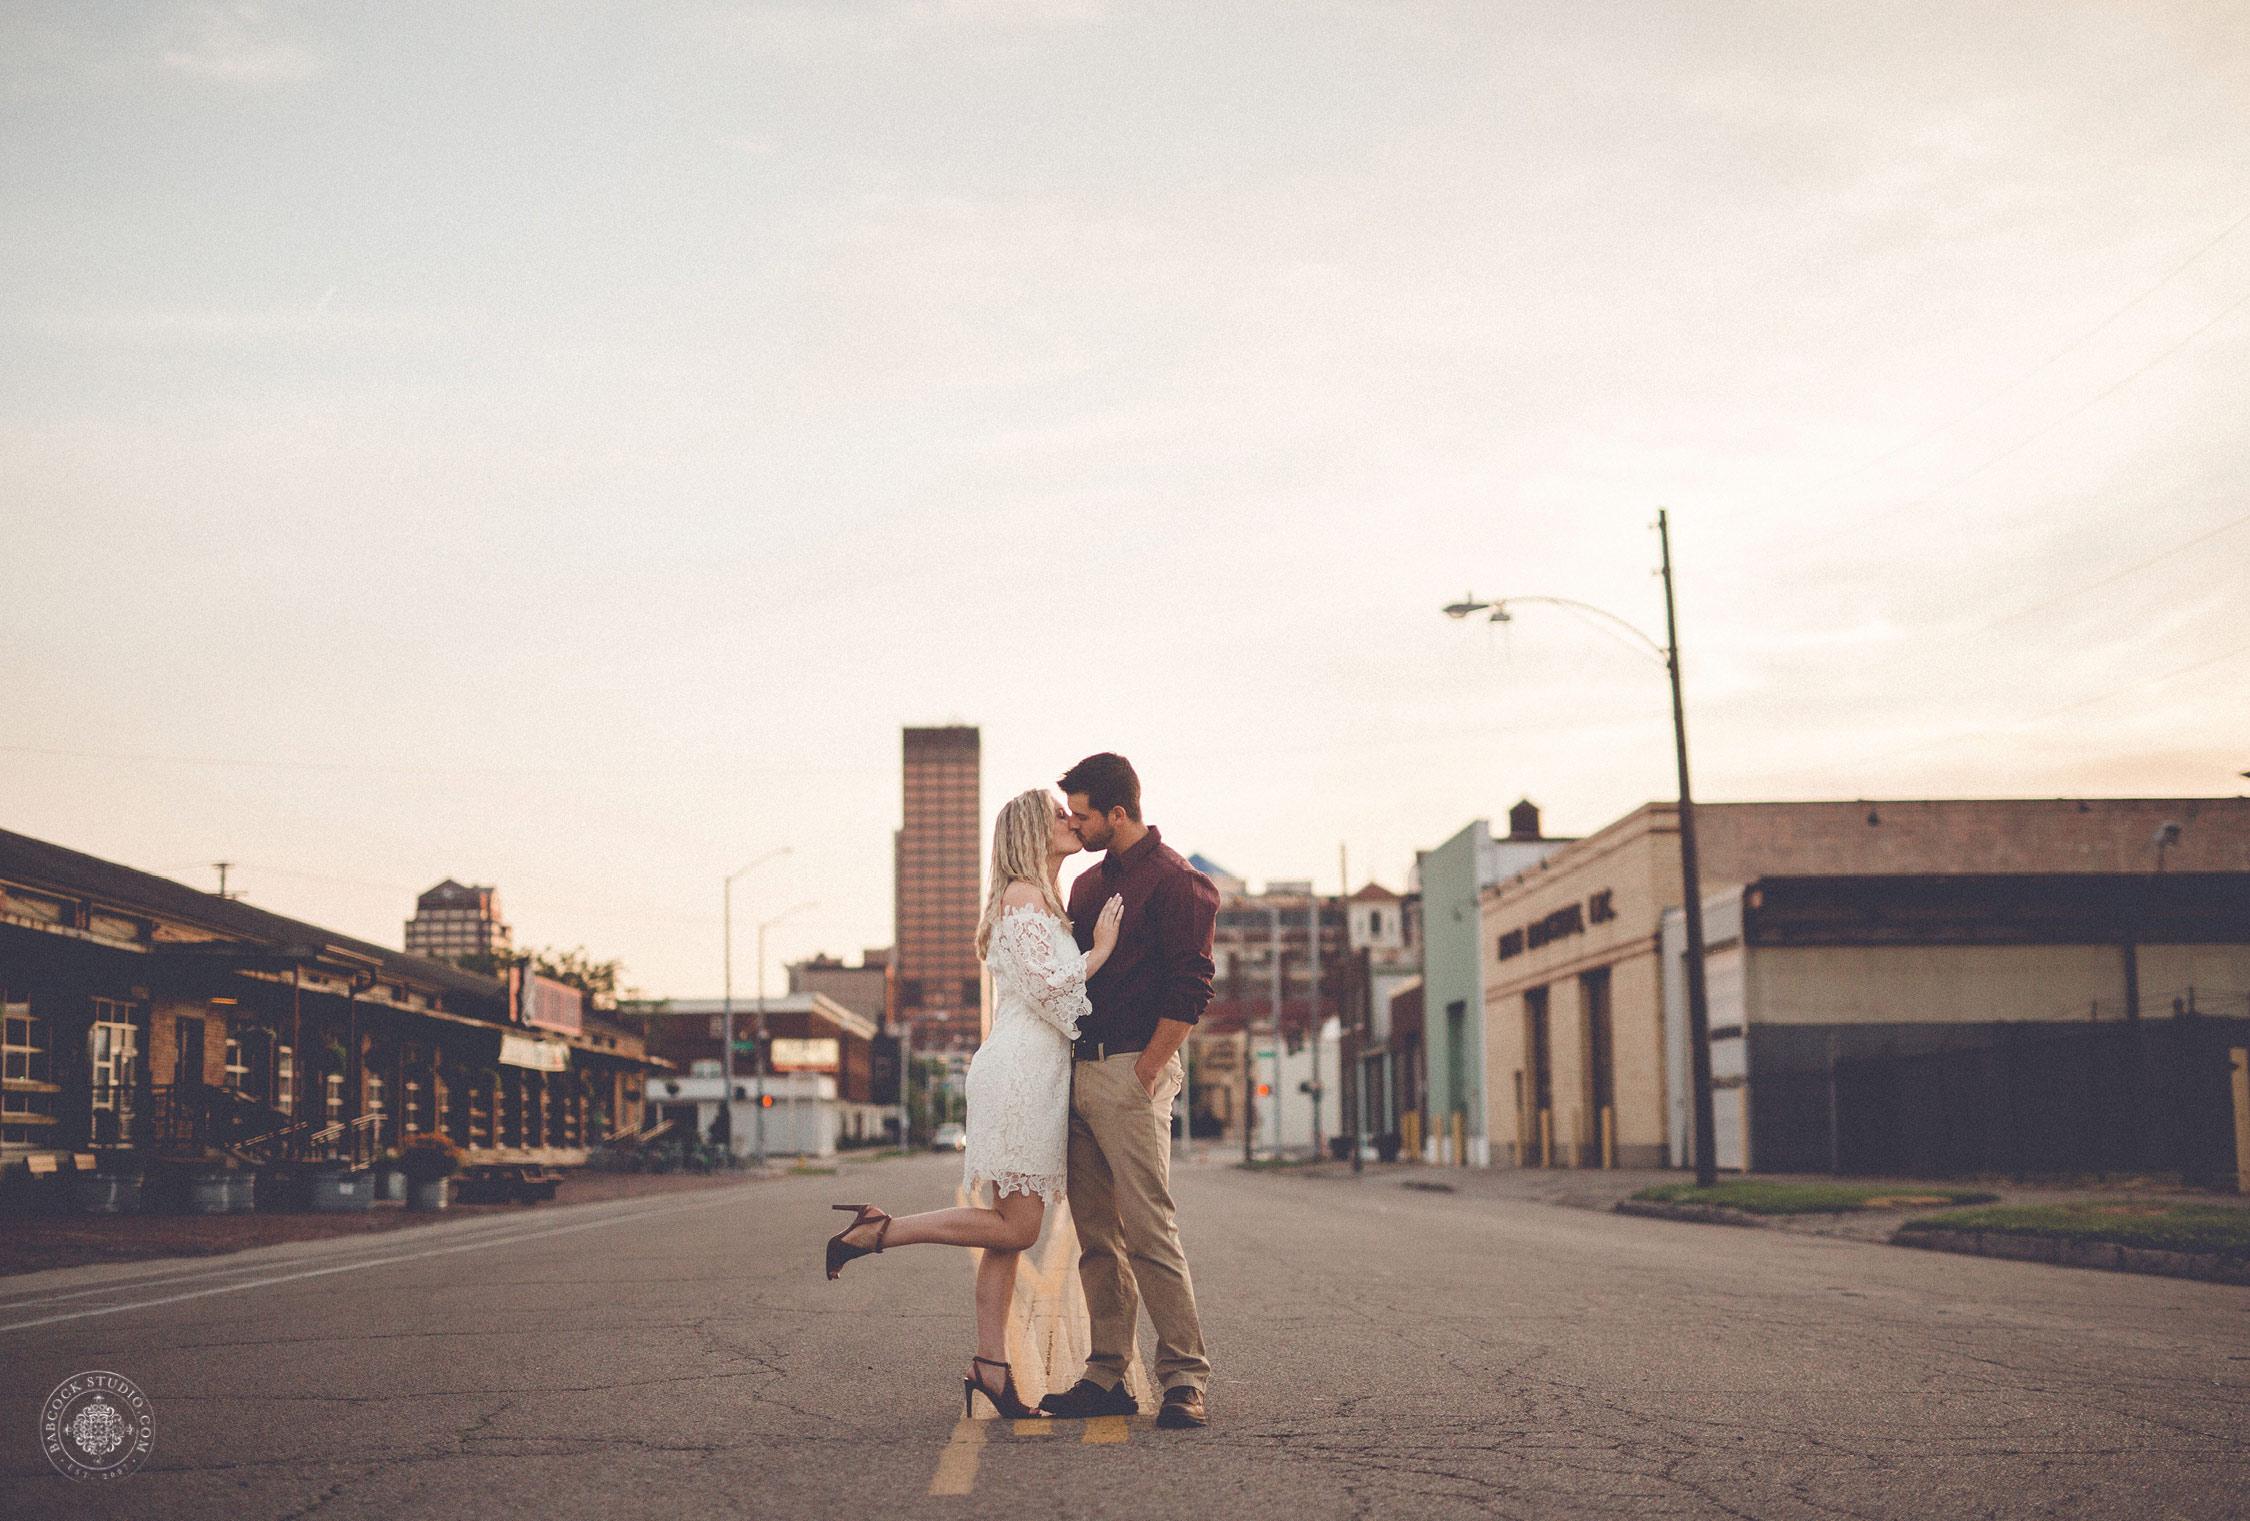 briana-ryan-engagement-photographer-dayton-ohio-13.jpg